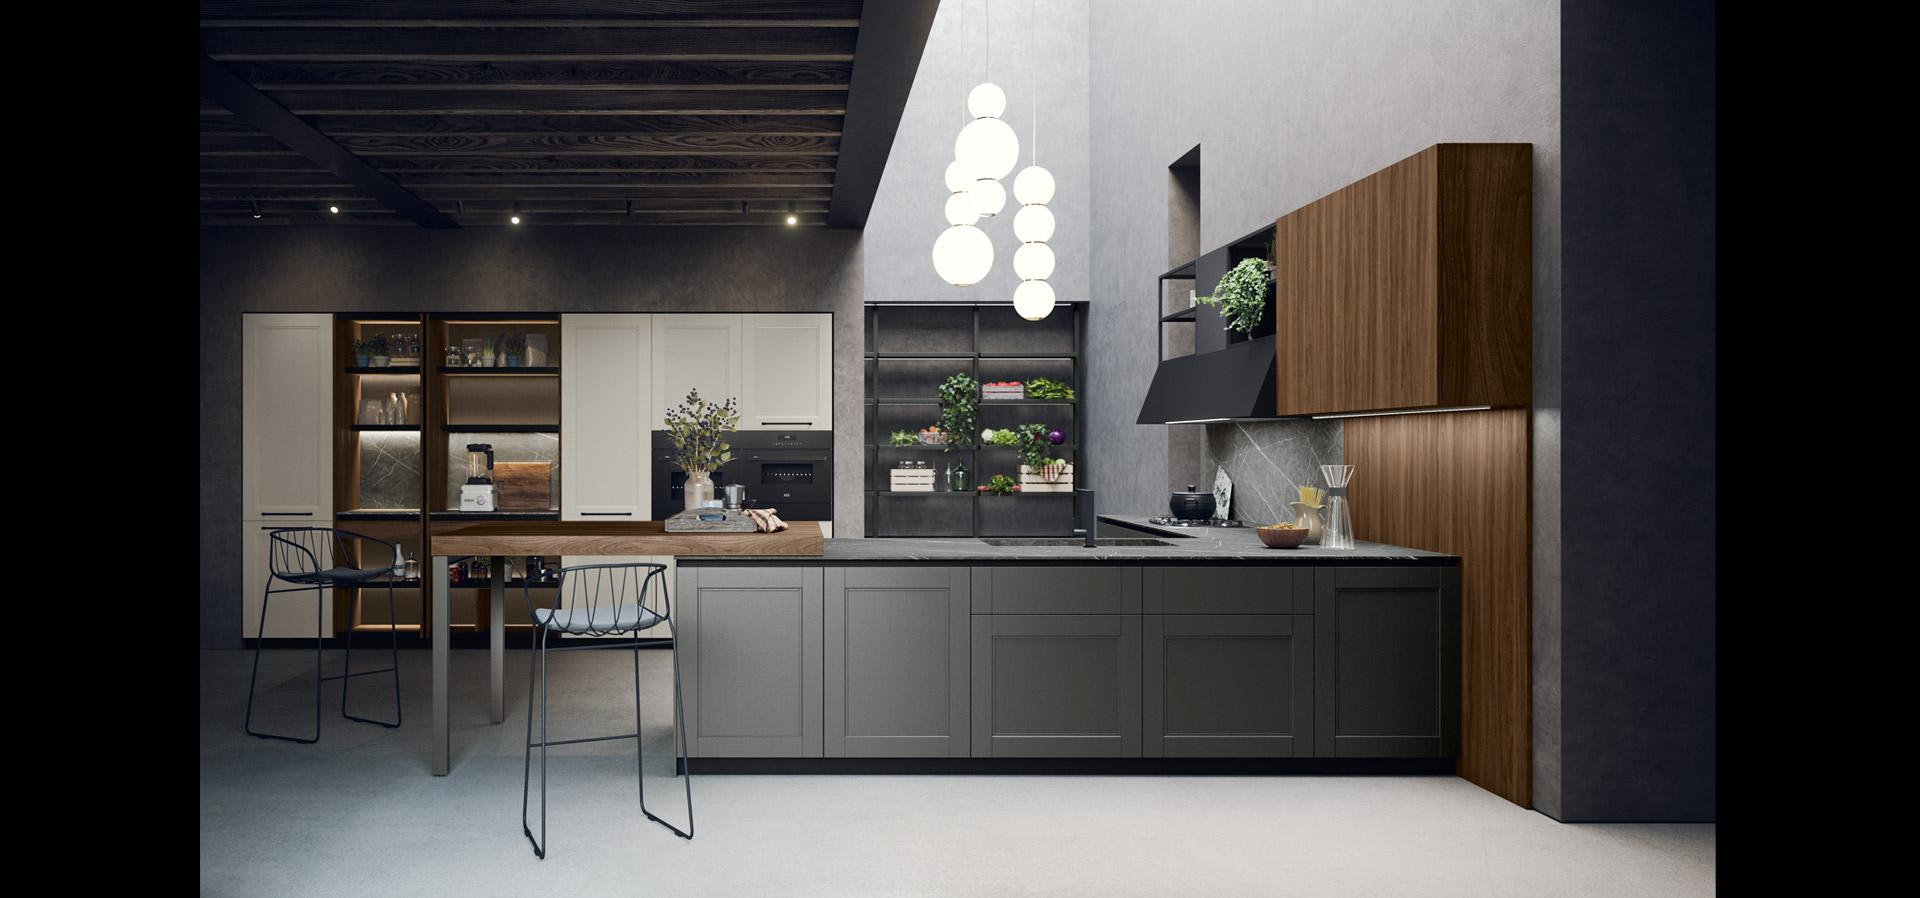 Cucina moderna in stile industrial | Talìa | MITON Cucine